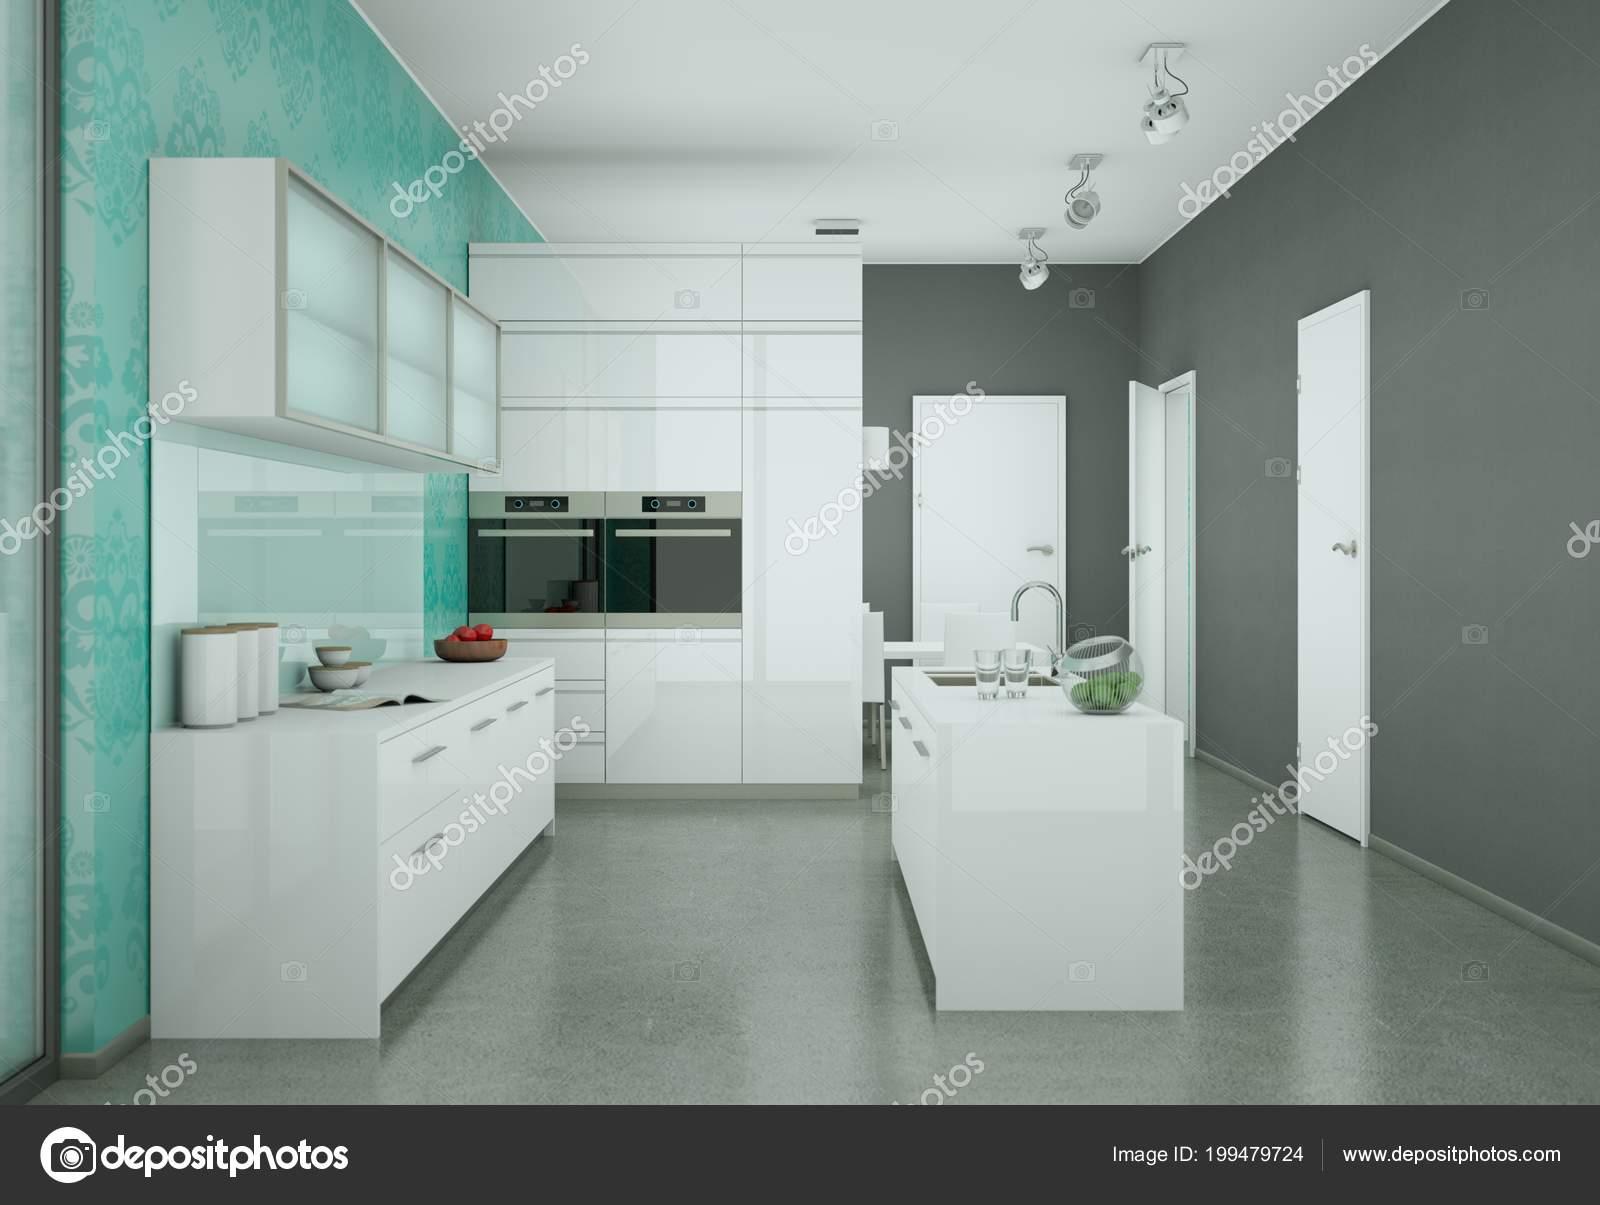 Tapeten Küche Modern. Arbeitsplatte Küche Ebay Ikea Method Füße ...